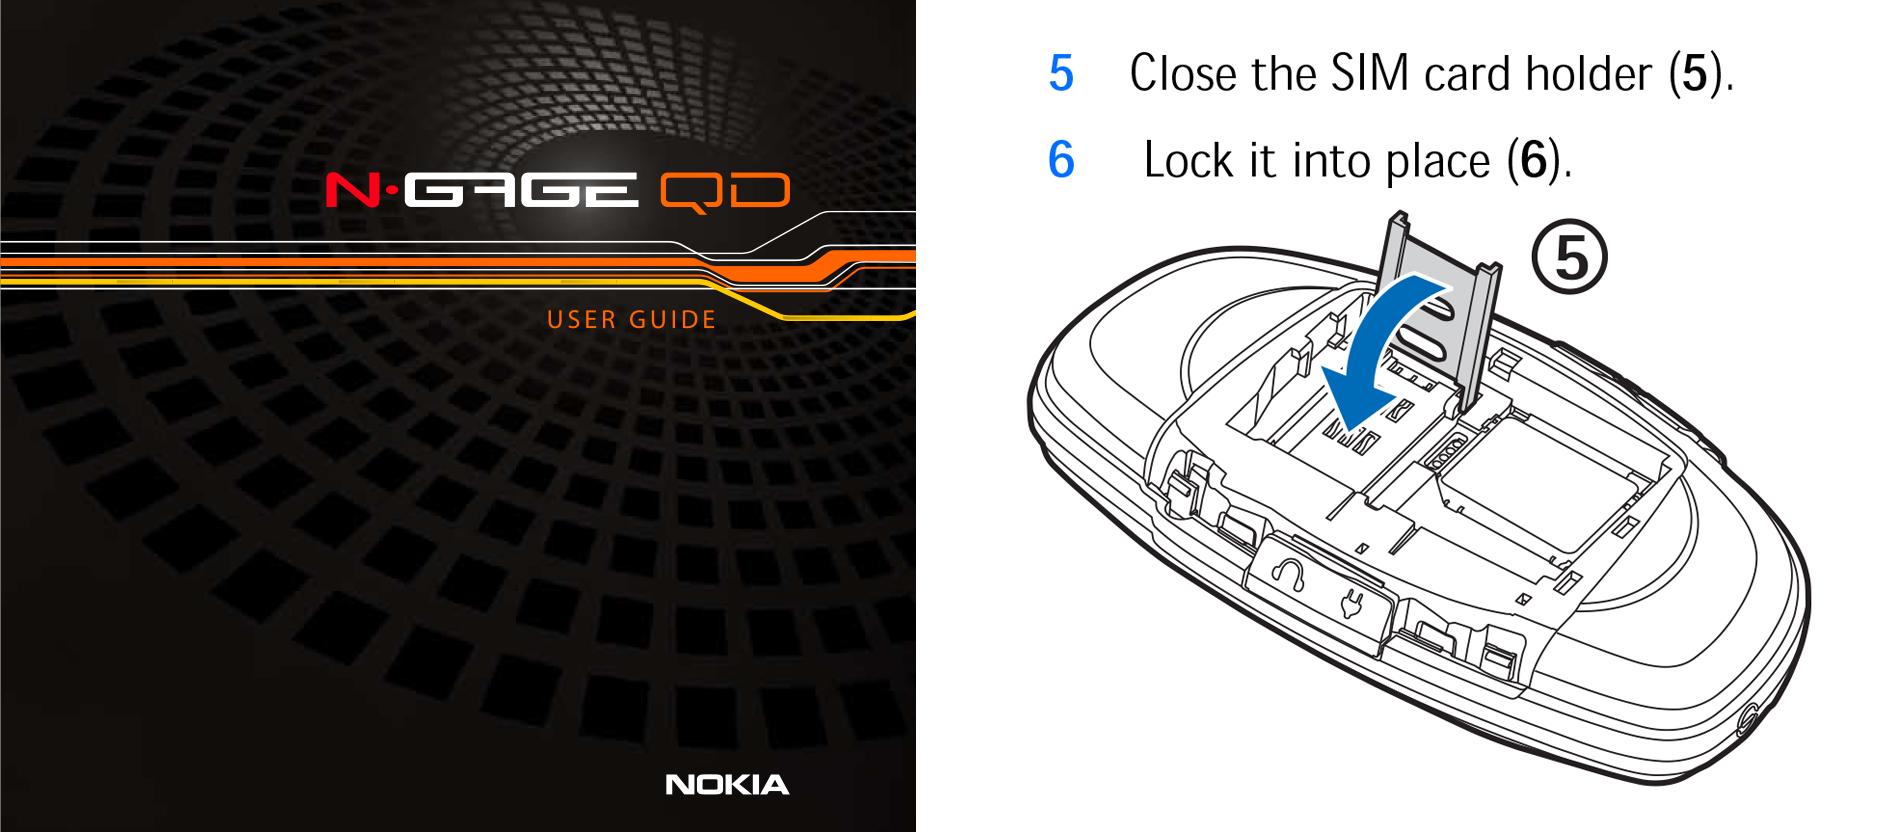 Nokia Illustration Graphic Design